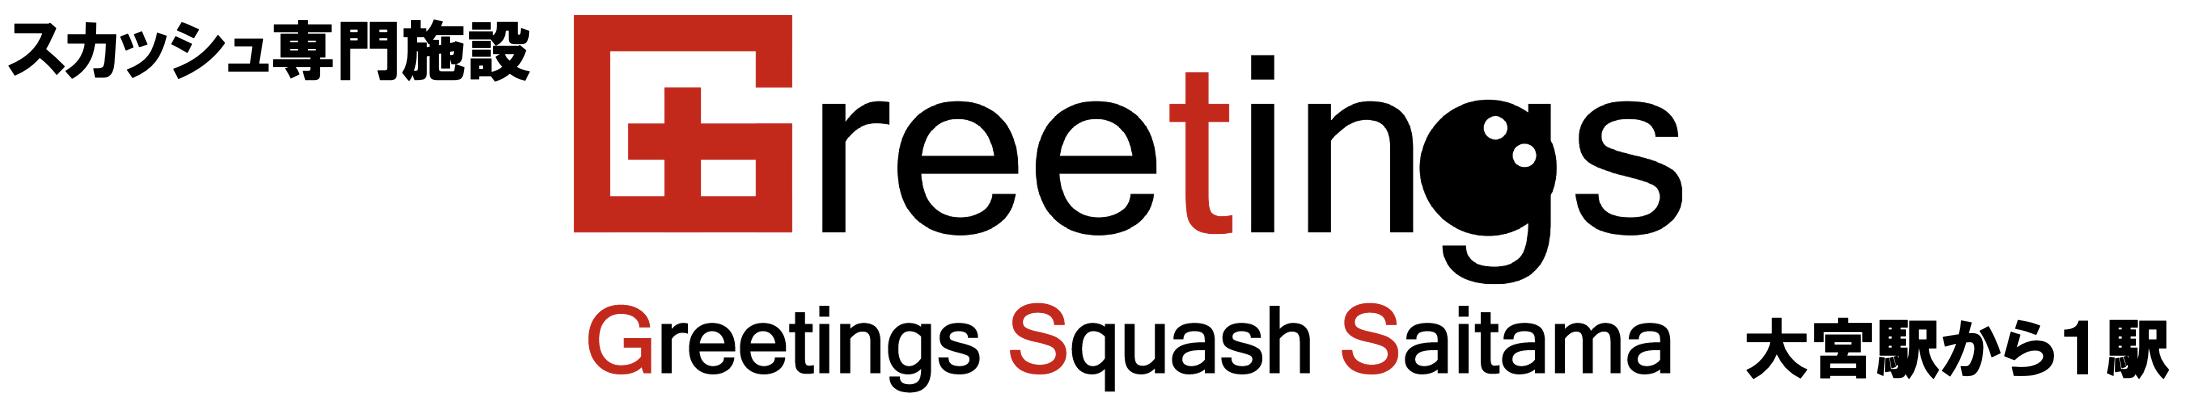 GreetingsSquash